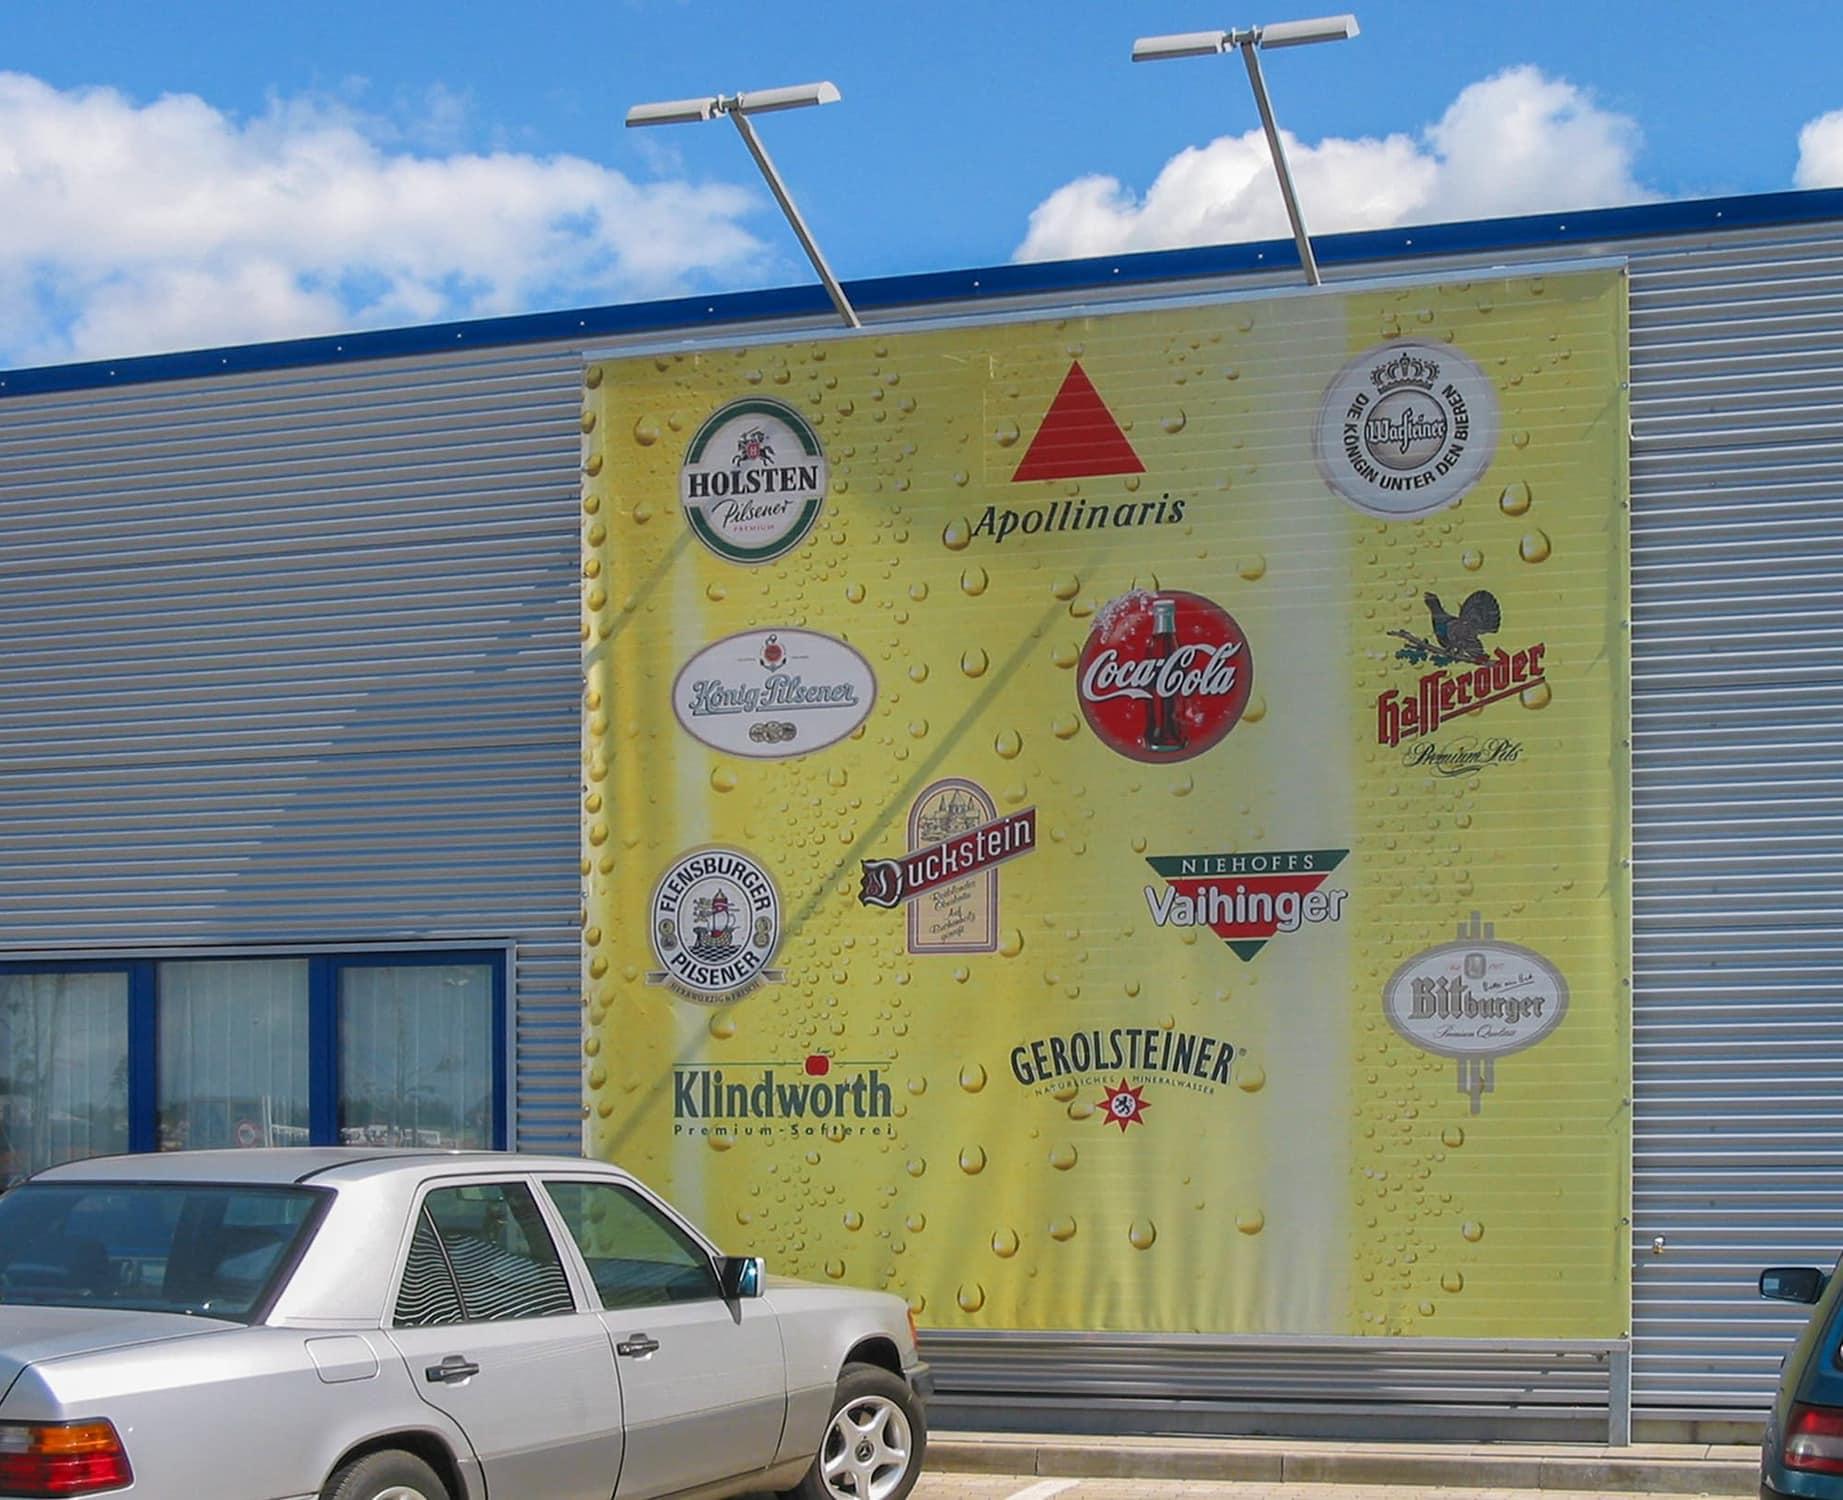 Digital bedruckte Planen als Werbefläche für eine Getränkemarkt. Angestrahlt mit LED-Strahlern